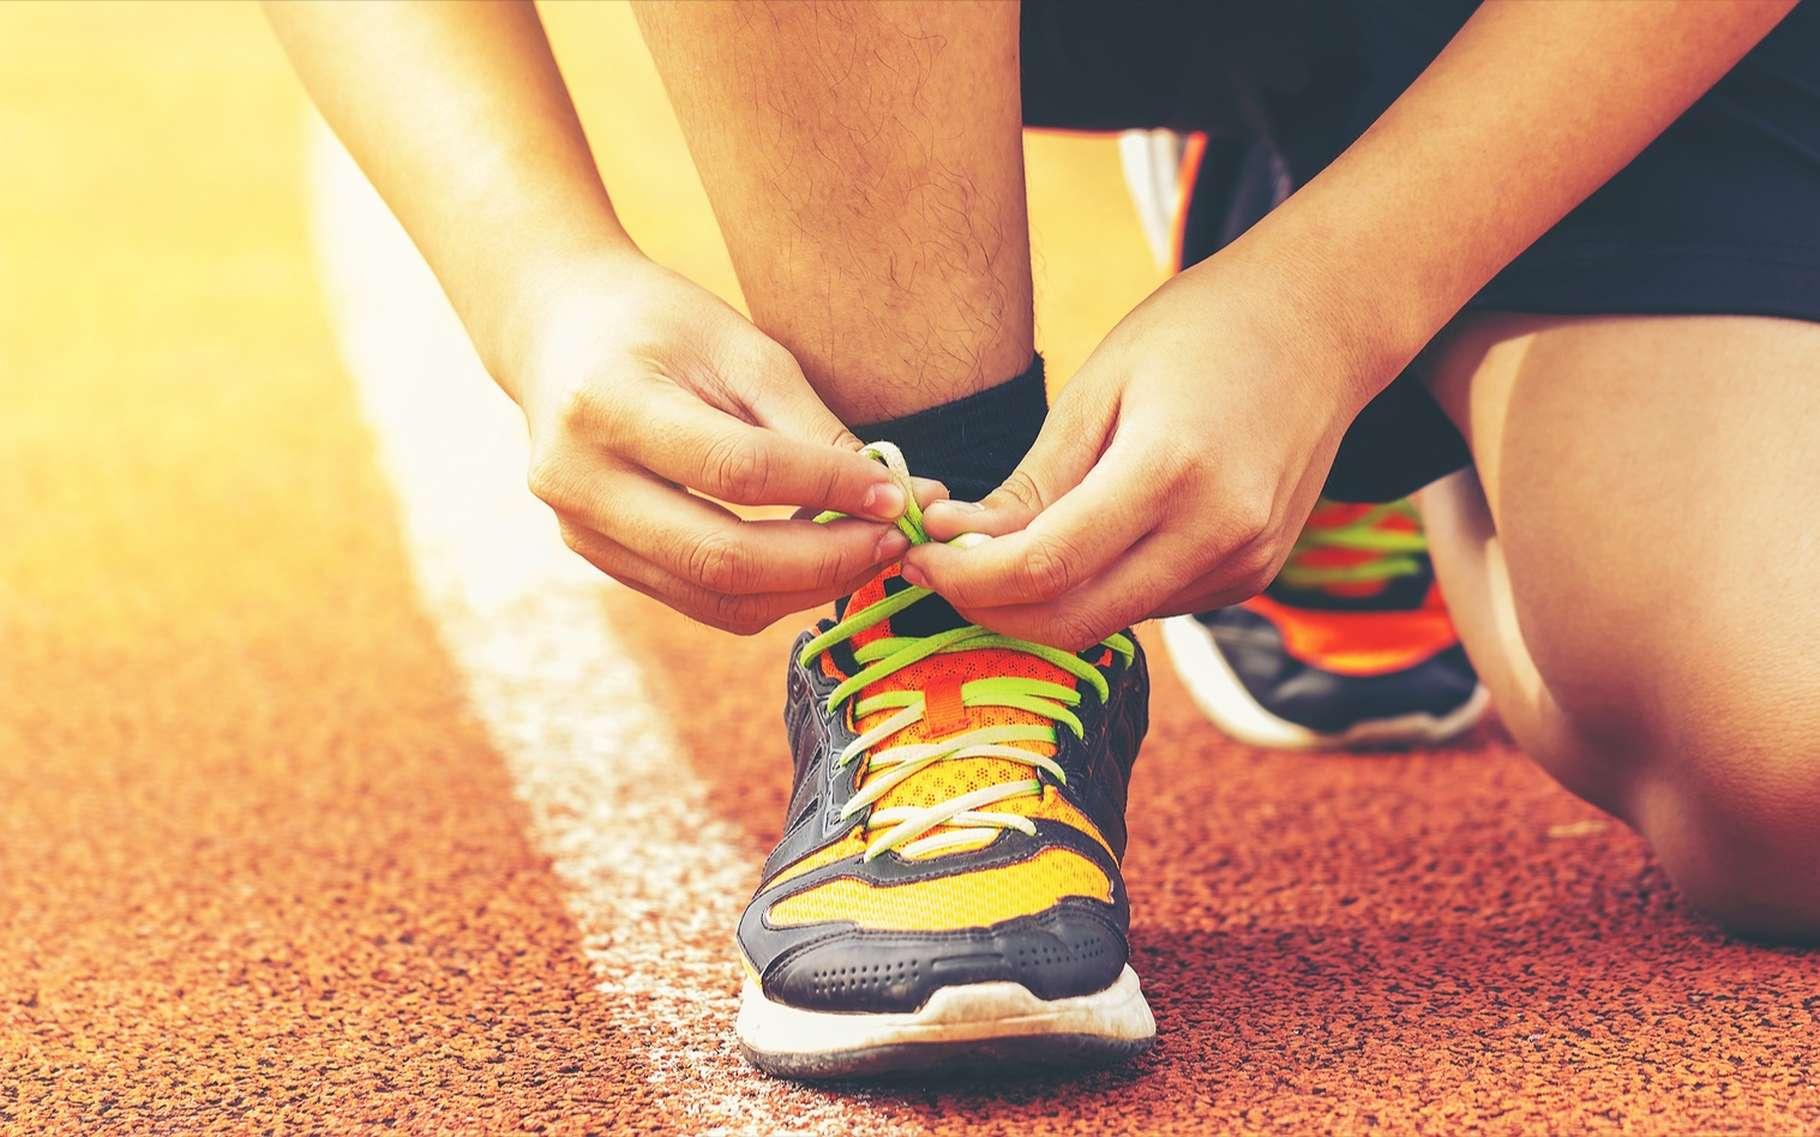 Quand vous lacez vos chaussures, d'un geste automatique, vous utilisez votre mémoire procédurale. © Shutter Ryder, Shutterstock